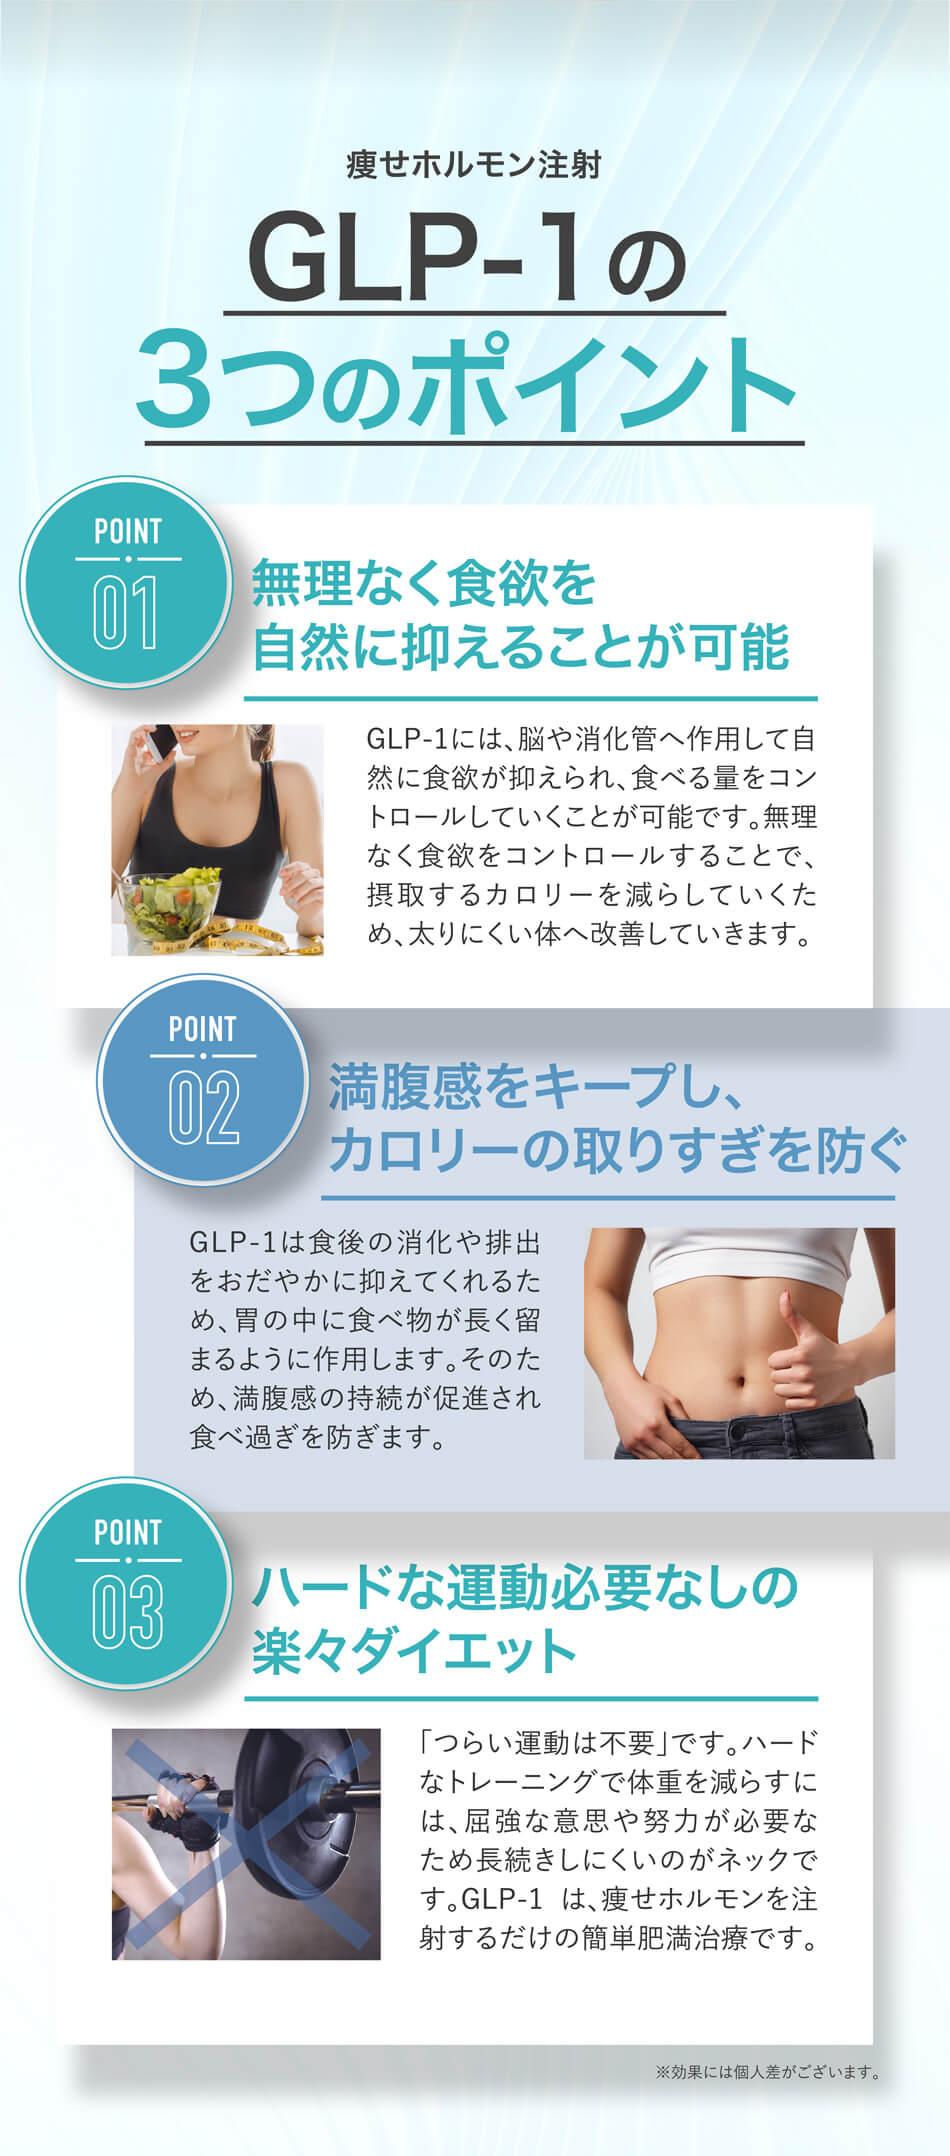 痩せホルモン注射GLP-1のつのポイント POINT01:無理なく食欲を自然に抑えることが可能 GLP-1には、脳や消化管へ作用して自然に食欲が抑えられ、食べる量をコントロールしていくことが可能です。無理なく食欲をコントロールすることで、摂取するカロリーを減らしていくため、太りにくい体へ改善していきます。 POINT02:満腹感をキープし、カロリーの取りすぎを防ぐ GLP-1は食後の消化や排出をおだやかに抑えてくれるため、胃の中に食べ物が長く留まるように作用します。そのため、満腹感の持続が促進され食べ過ぎを防ぎます。 POINT03:ハードな運動必要なしの楽々ダイエット 「つらい運動は不要」です。ハードなトレーニングで体重を減らすには、屈強な意思や努力が必要なため長続きしにくいのがネックです。GLP-1 は、痩せホルモンを注射するだけの簡単肥満治療です。 ※効果には個人差がございます。